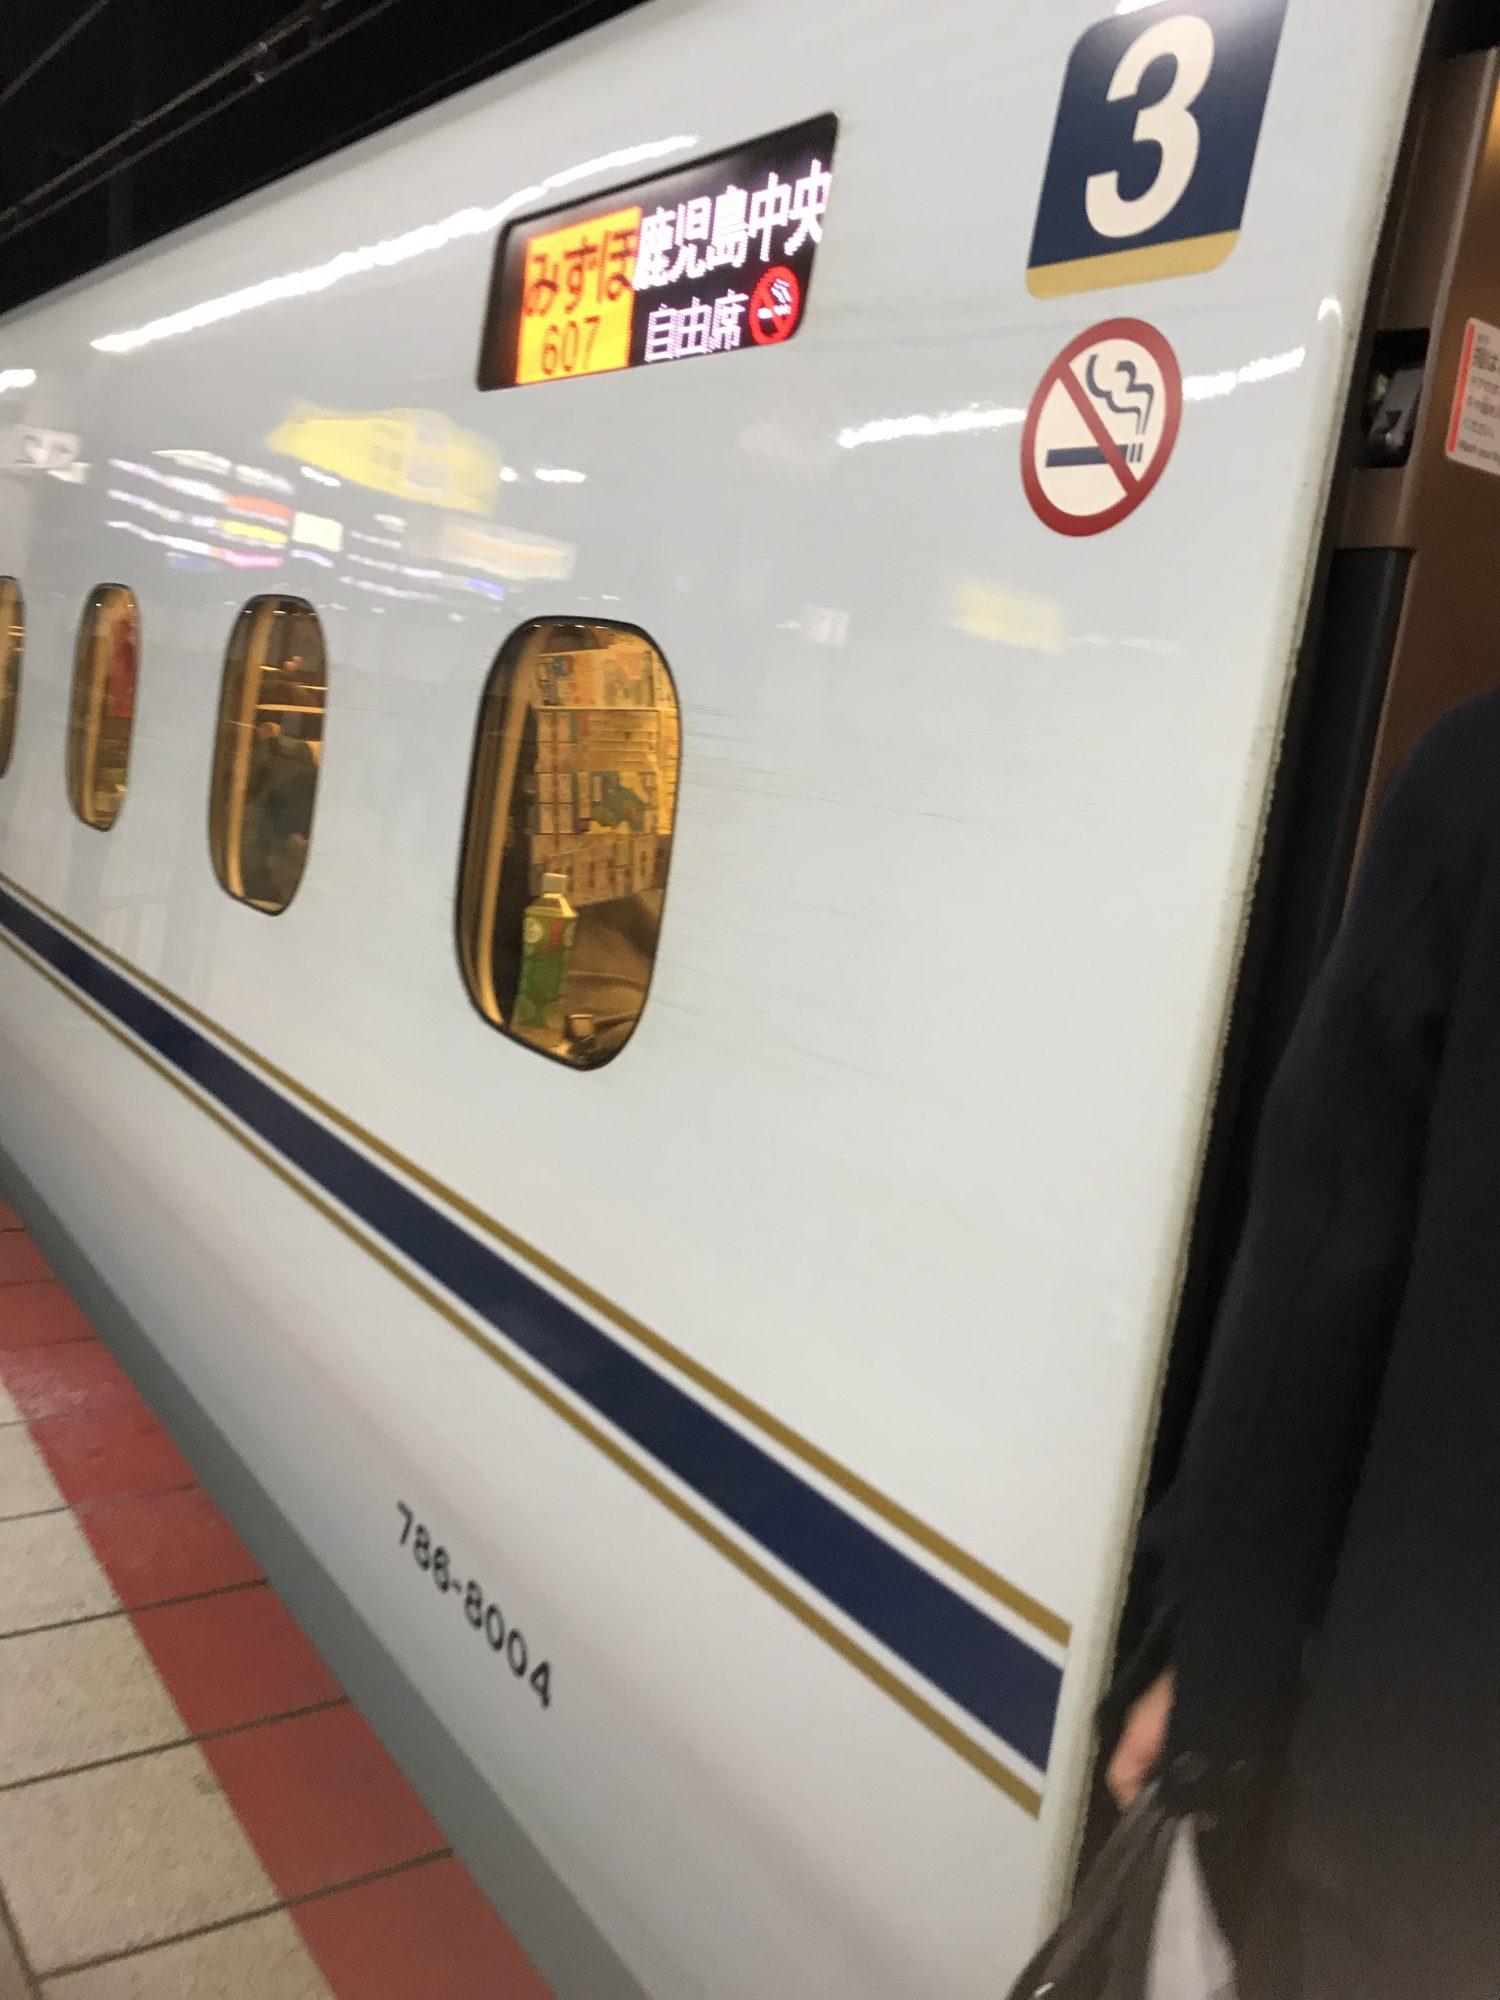 九州新幹線もWi-Fiある?